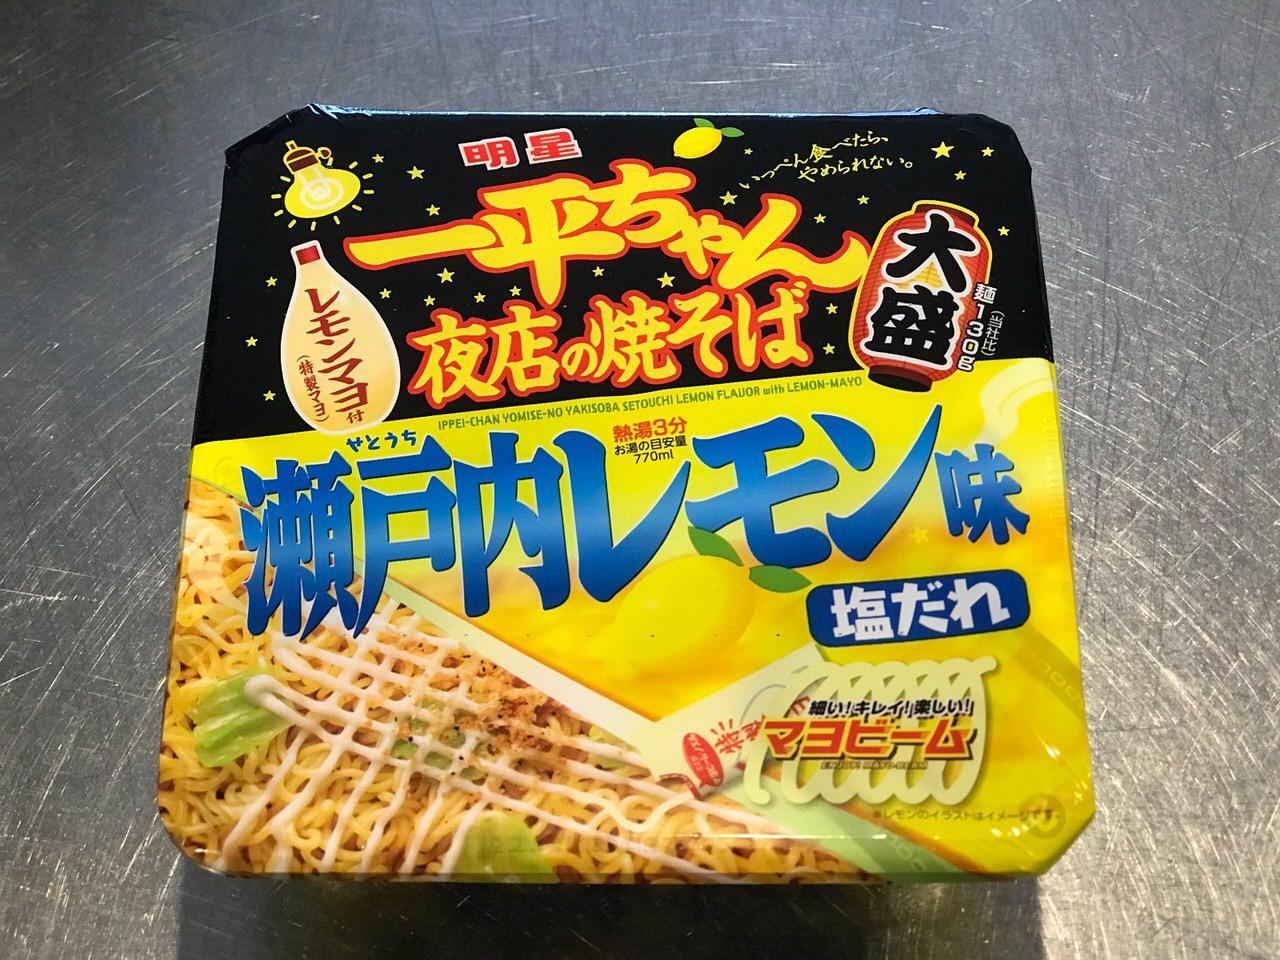 レモン好き集まれ〜「一平ちゃん夜店の焼そば 瀬戸内レモン味」